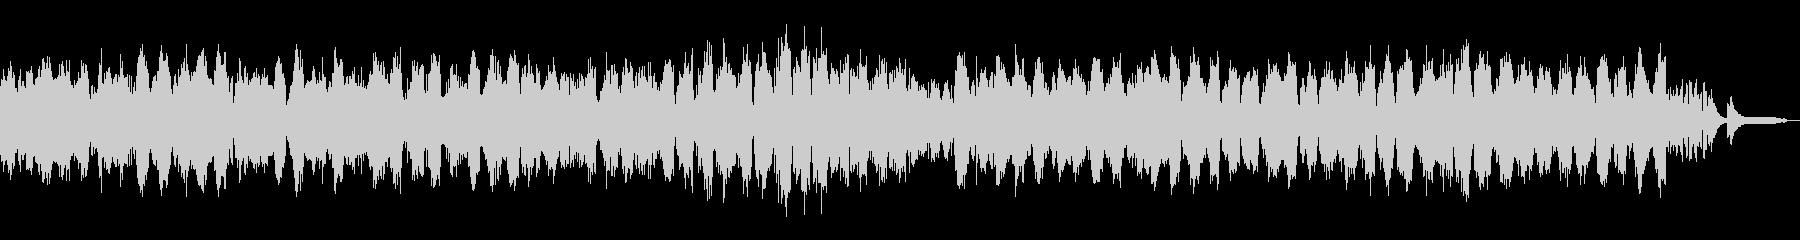 ヒーリングクラシック「春の歌」94の未再生の波形